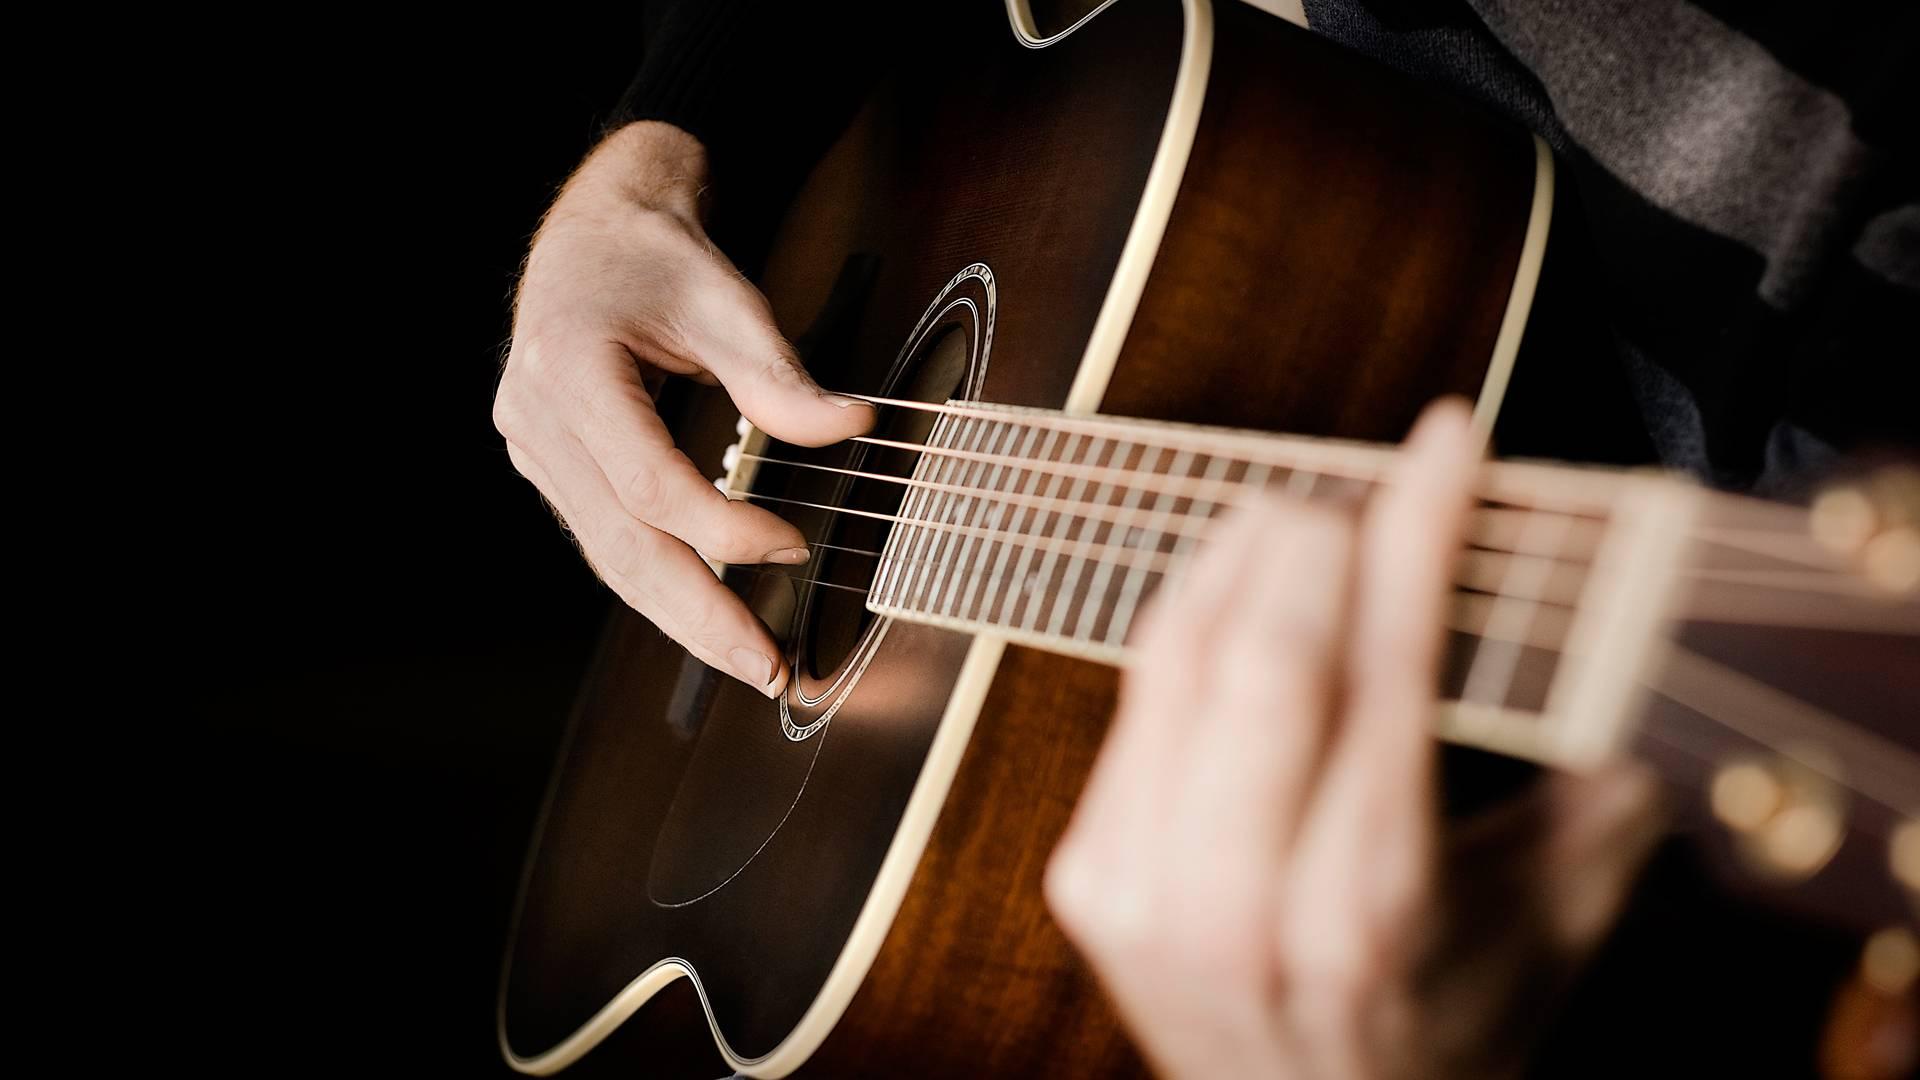 Shopping Cerrado promove evento com palco aberto e instrumentos à disposição